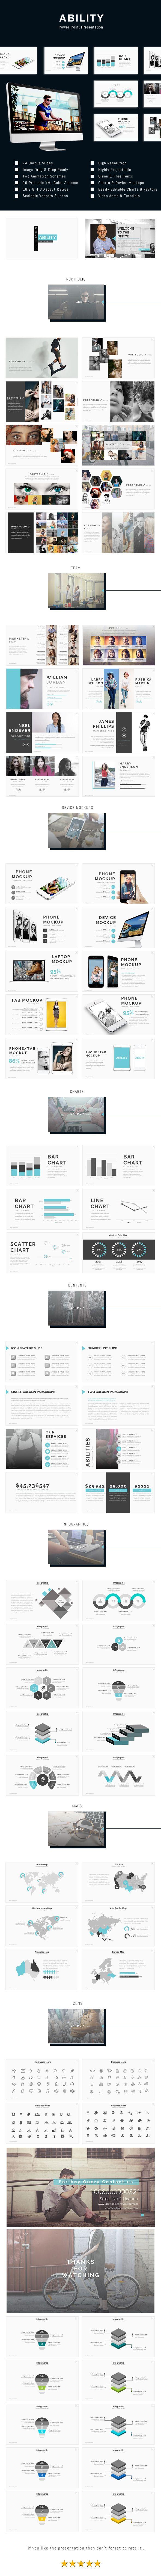 Ability - PowerPoint Presentation Template - 74 Unique Slides